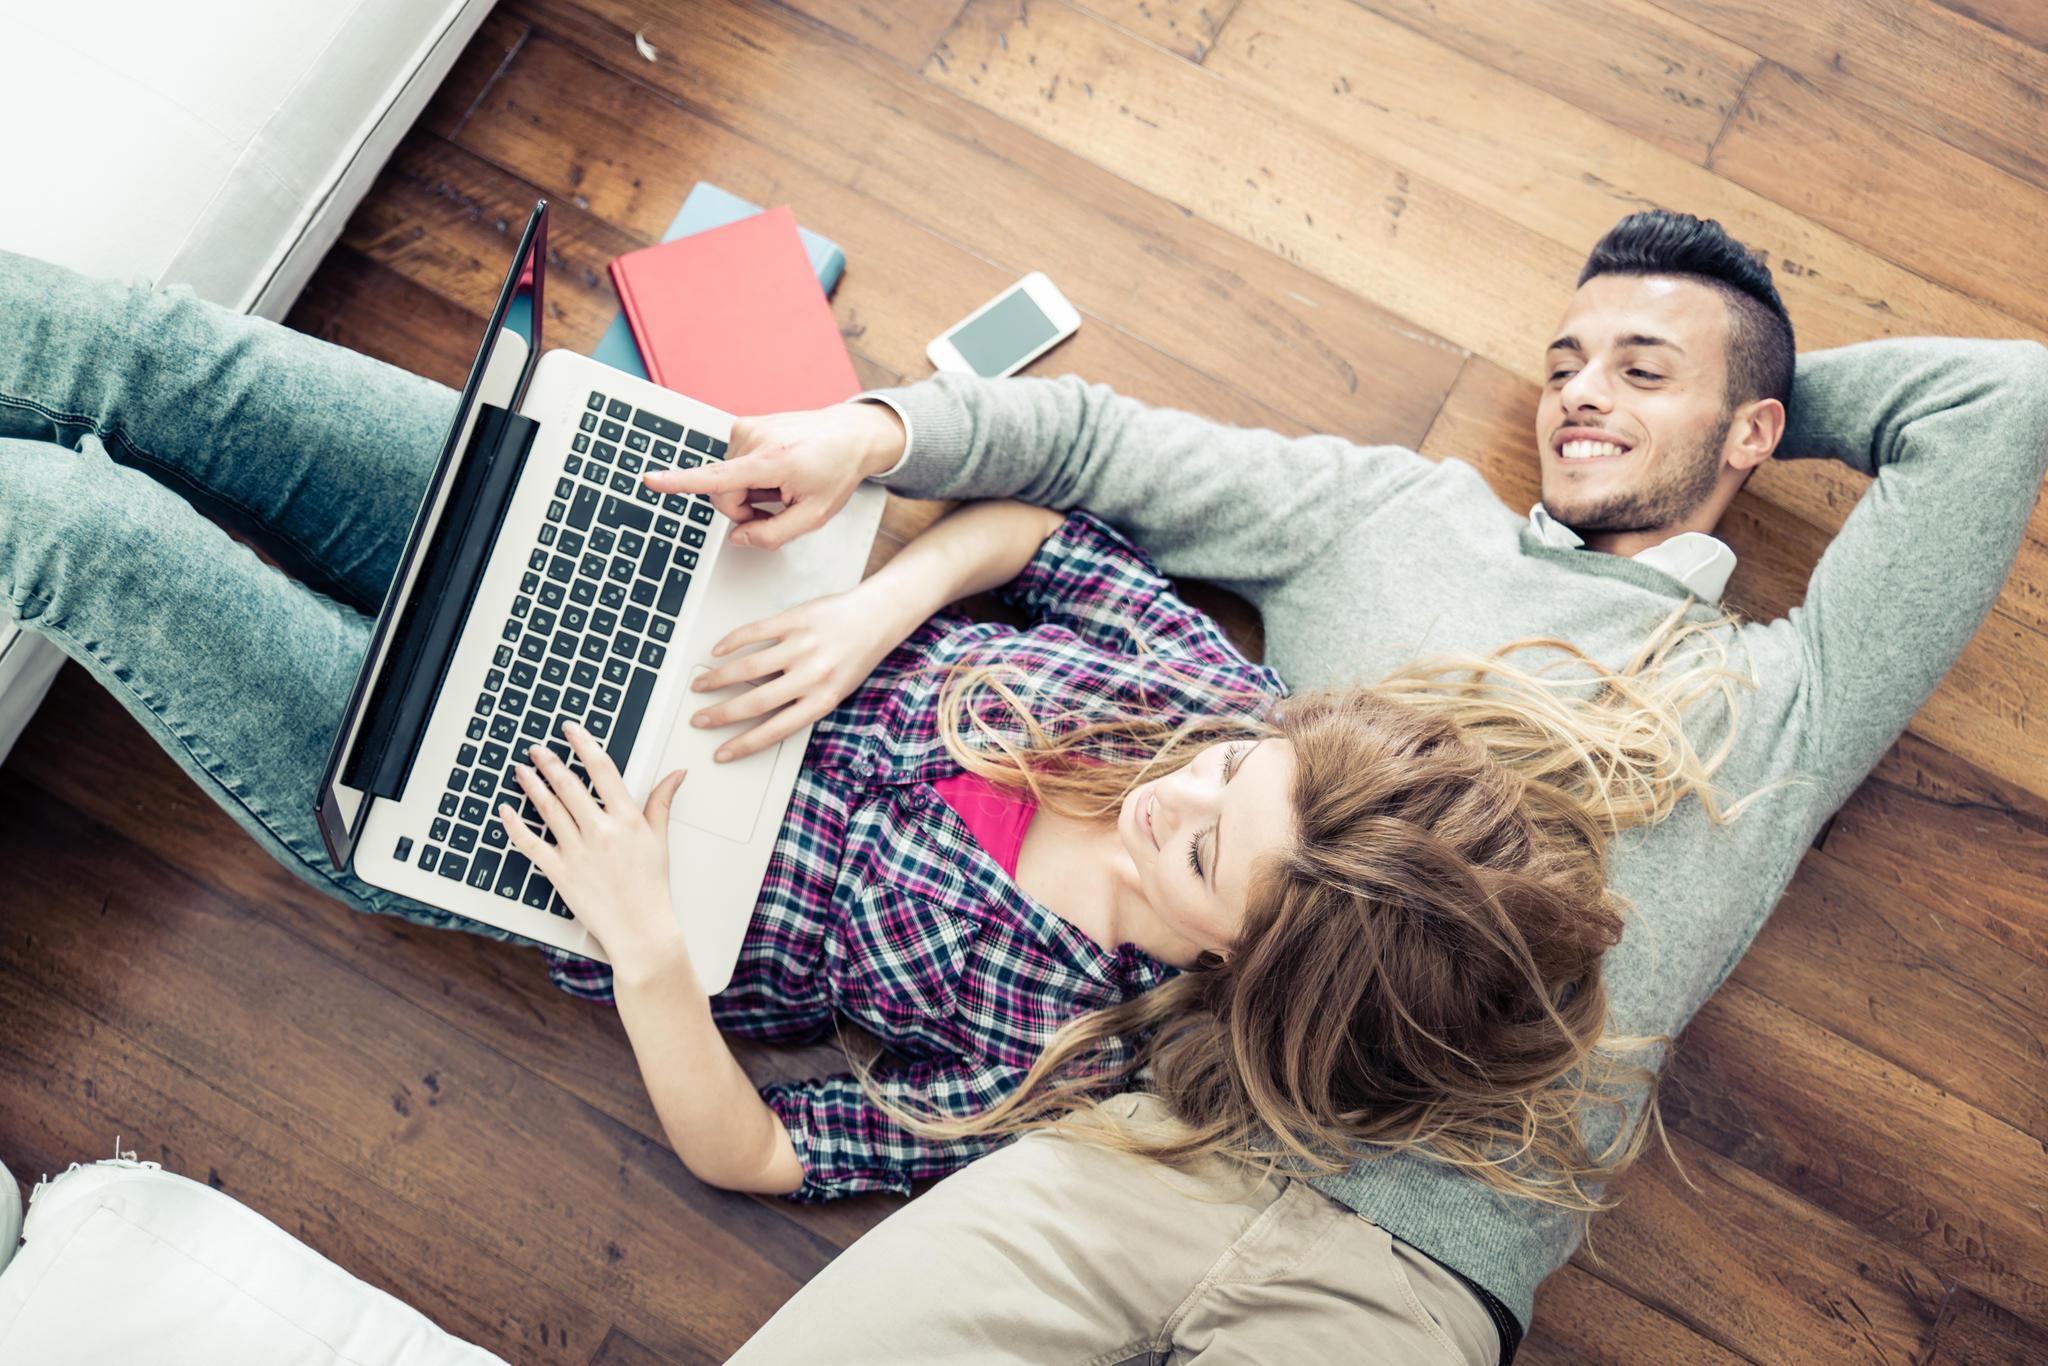 Junges Paar liegt auf dem Boden mit PC auf dem Bauch und lächelt